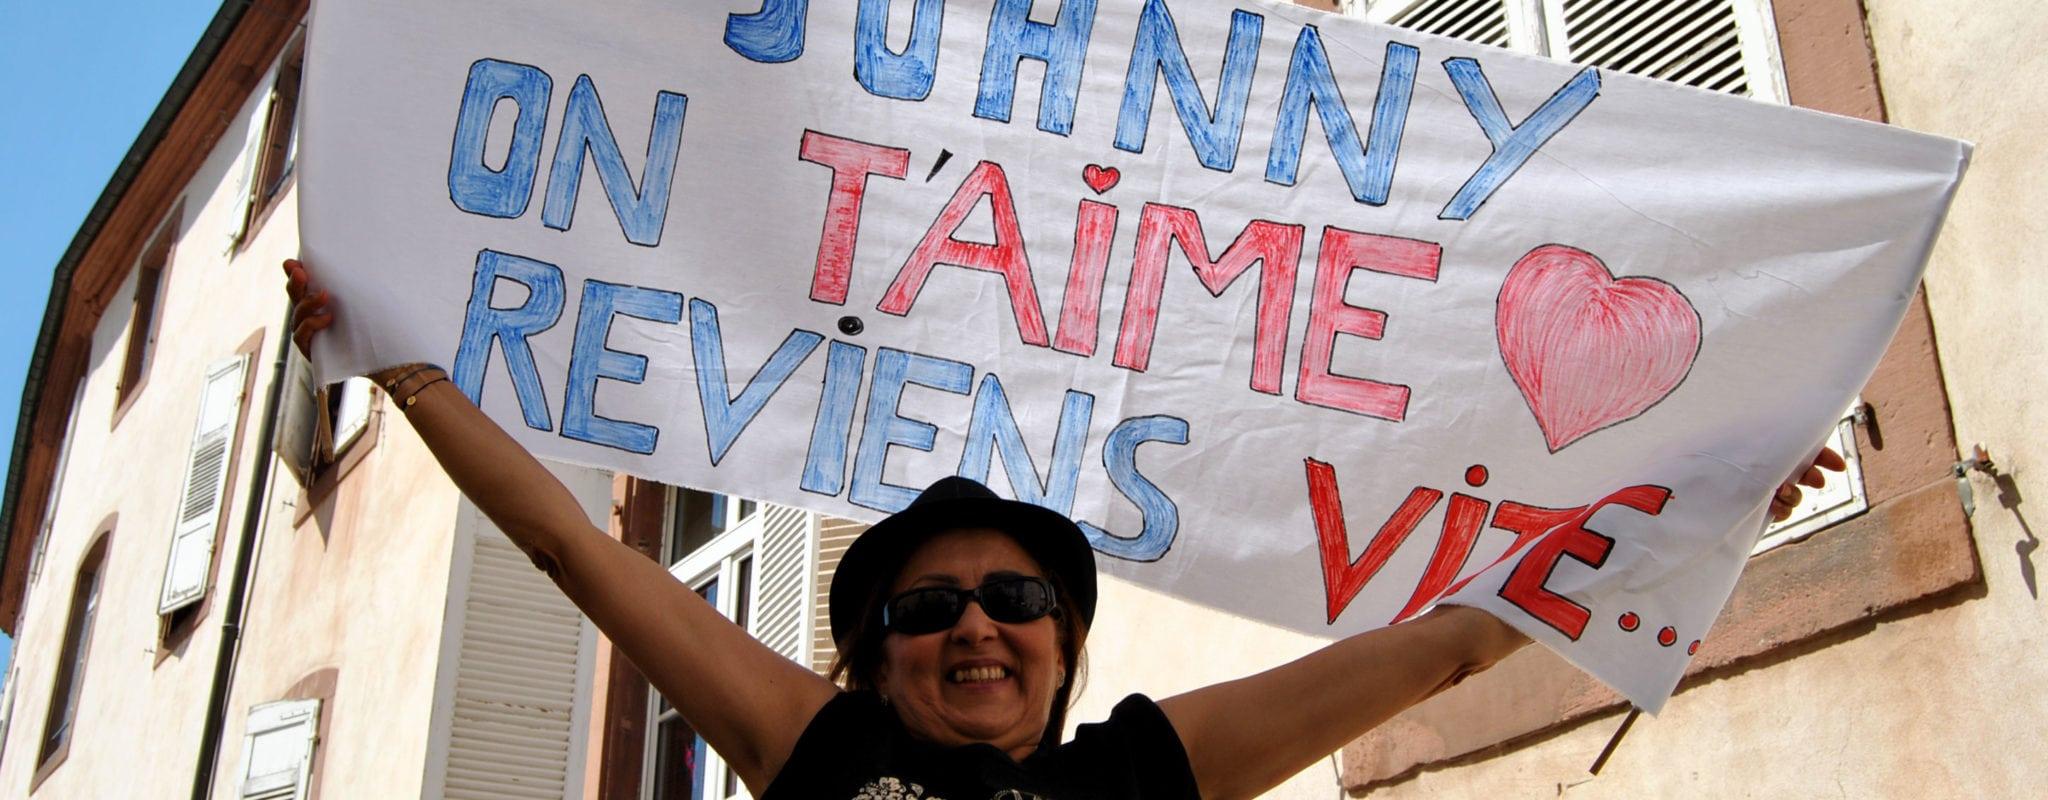 À Haguenau, avec les irréductibles fans de Johnny Hallyday